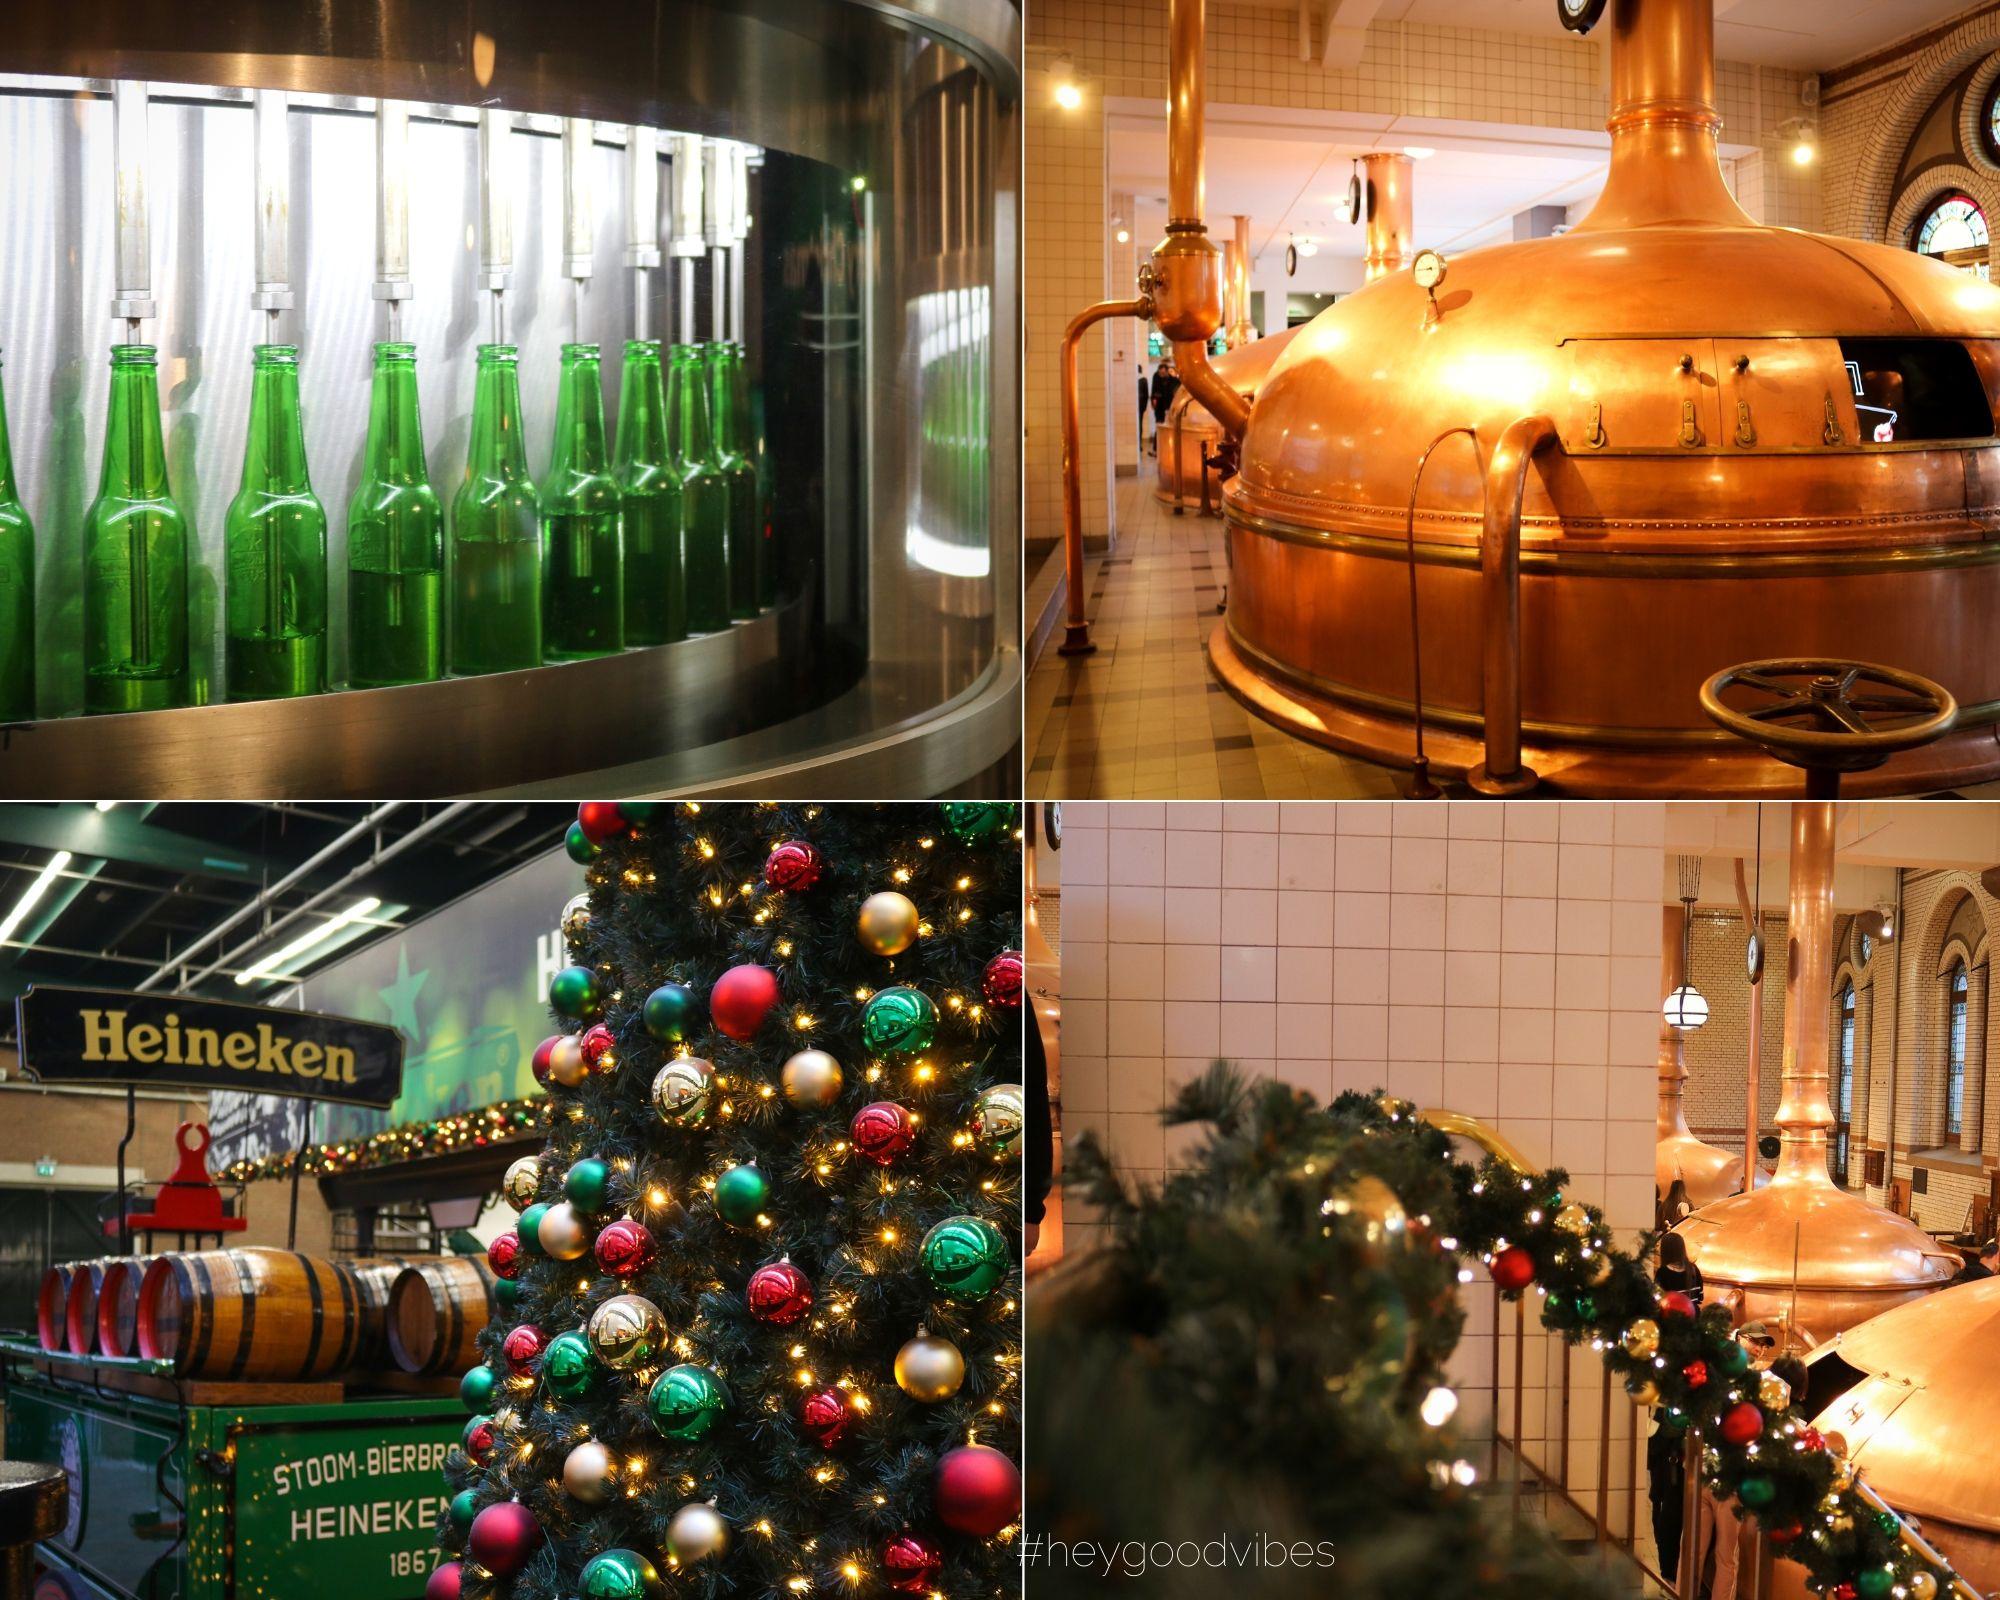 Heinecken Brauerei